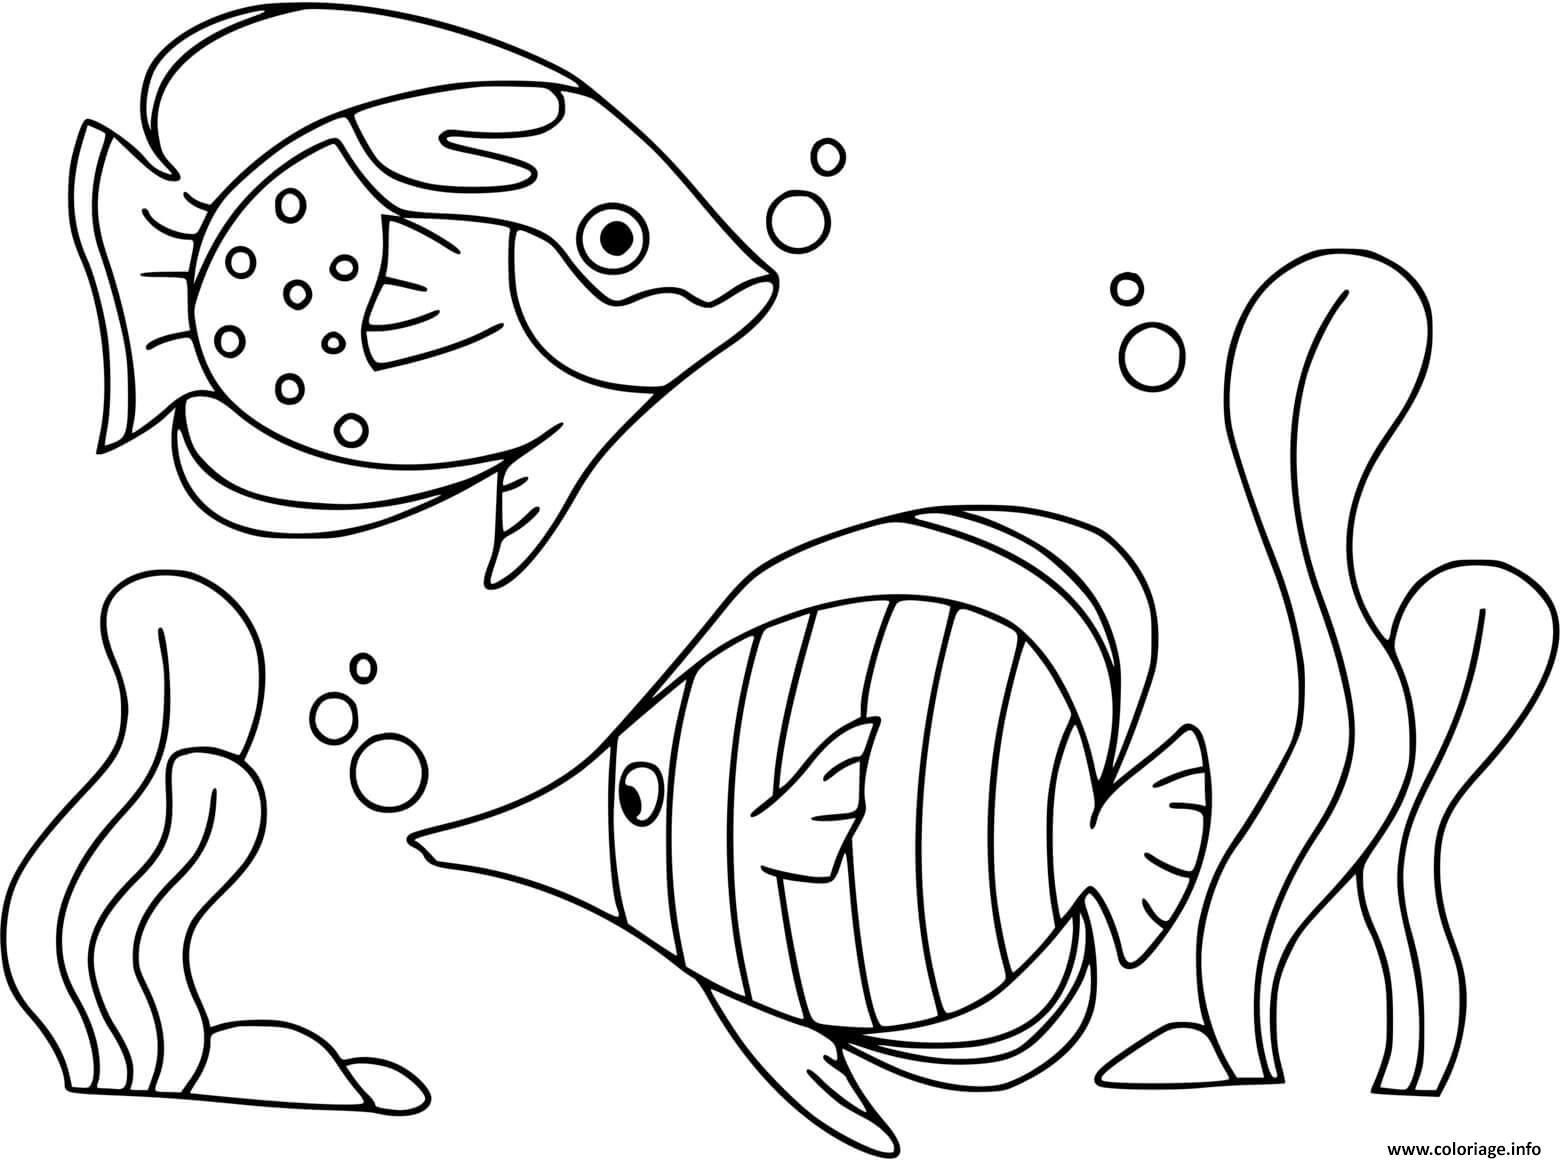 Dessin poisson au fond de la mer Coloriage Gratuit à Imprimer